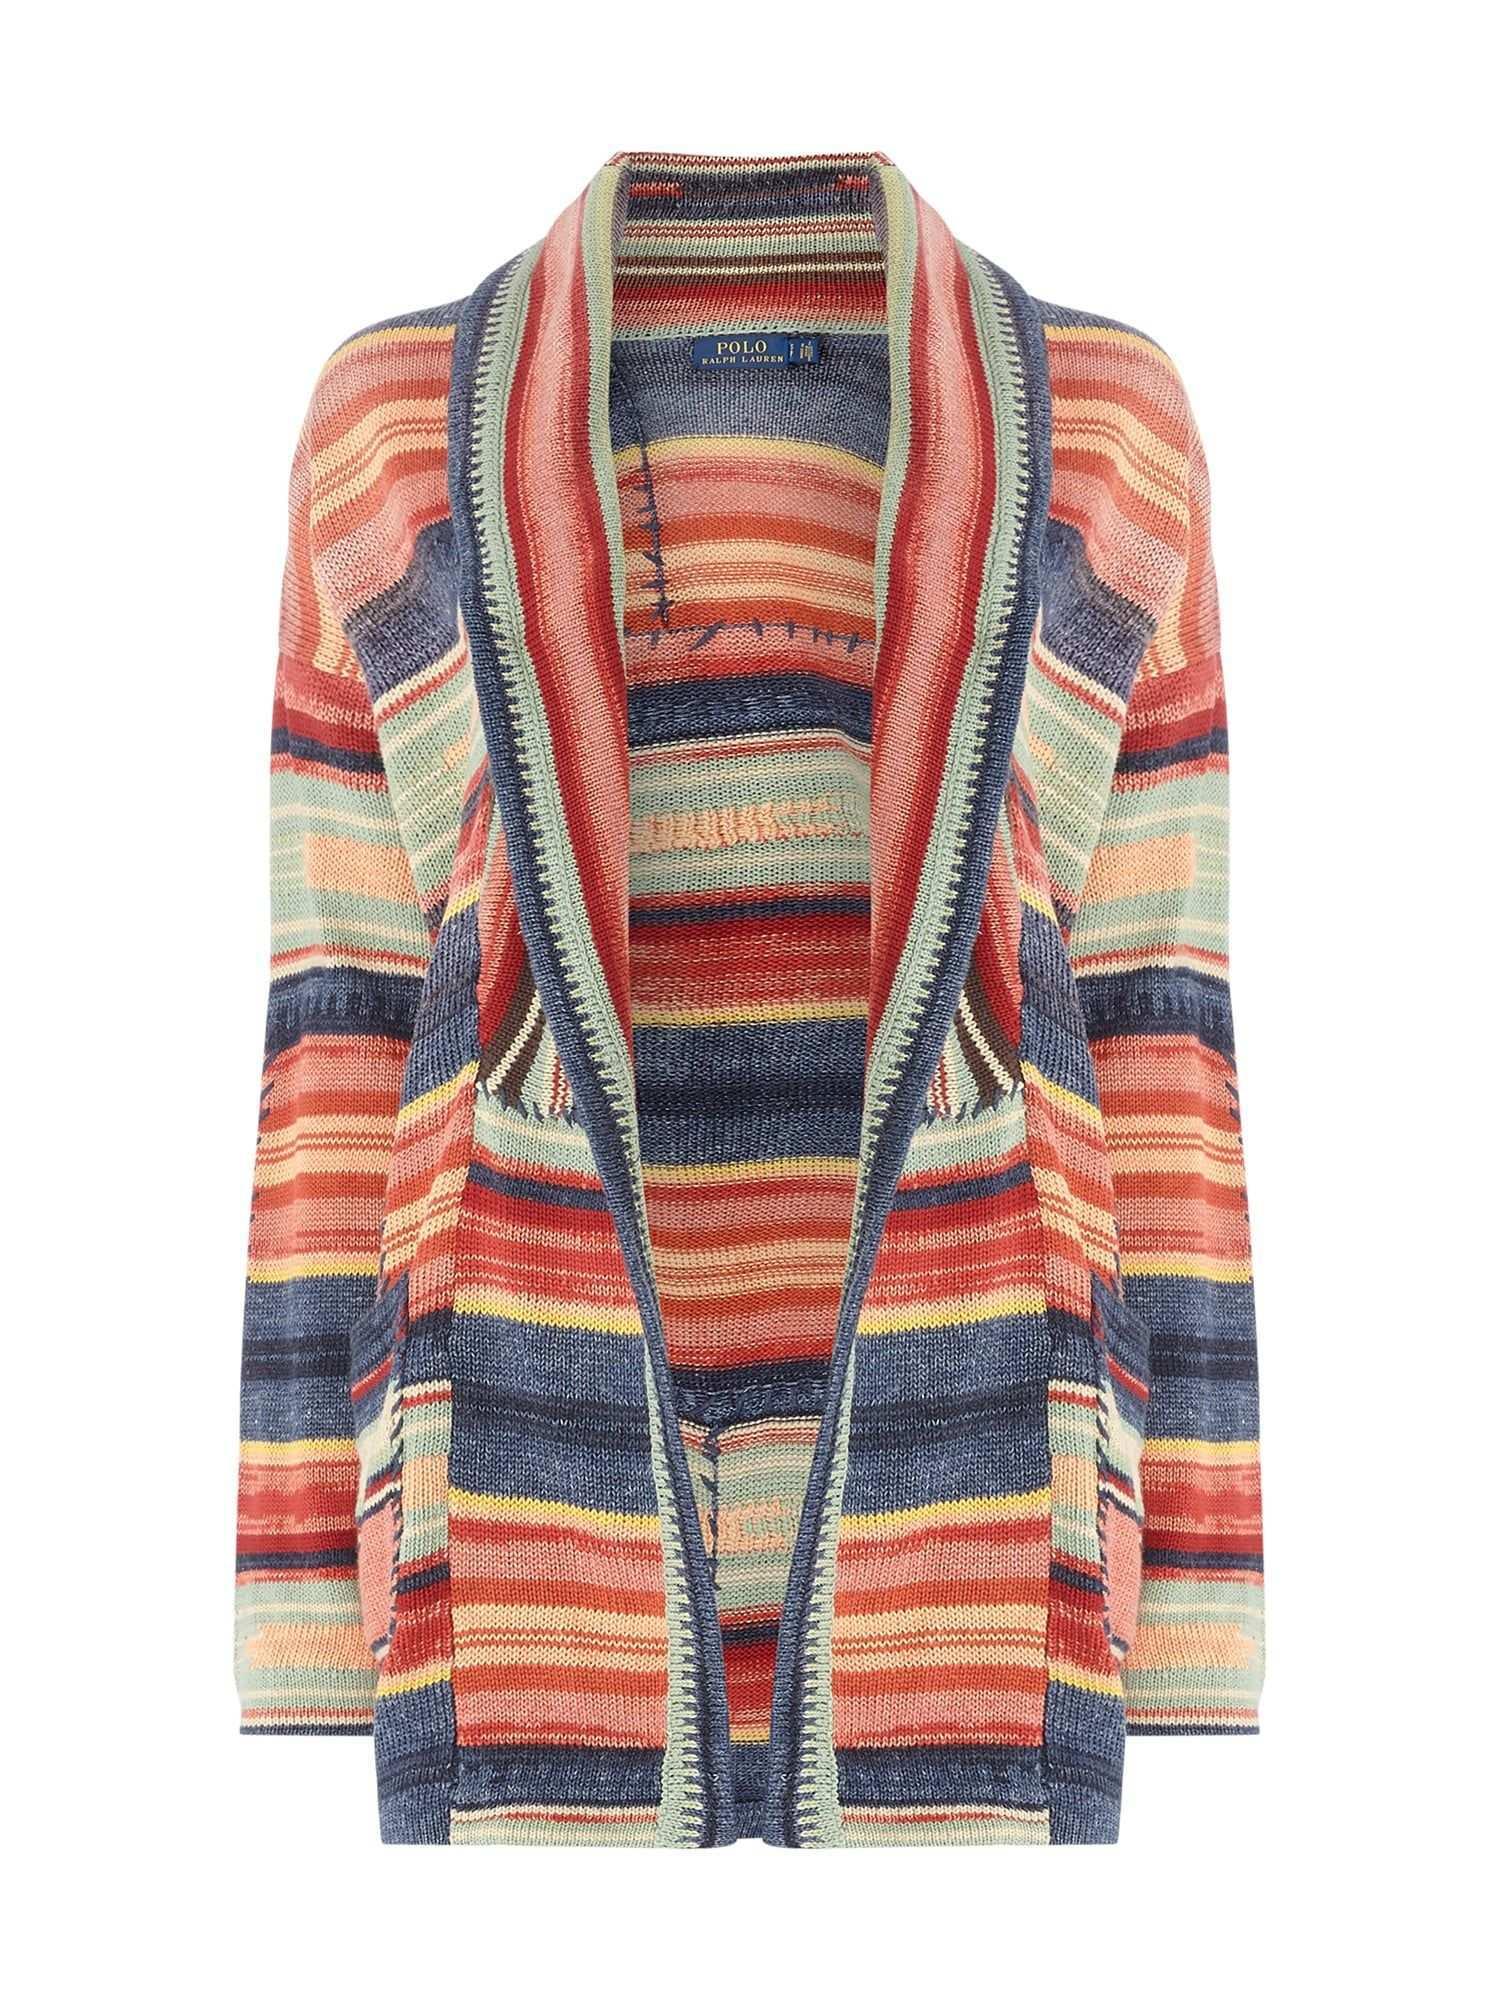 Bei P C Strickjacken Cardigans Von Polo Ralph Lauren Jetzt Polo Ralph Lauren Cardigan Mit Ethno Muster In Rot Online Kaufen Soft Autumn Fashion Sweaters